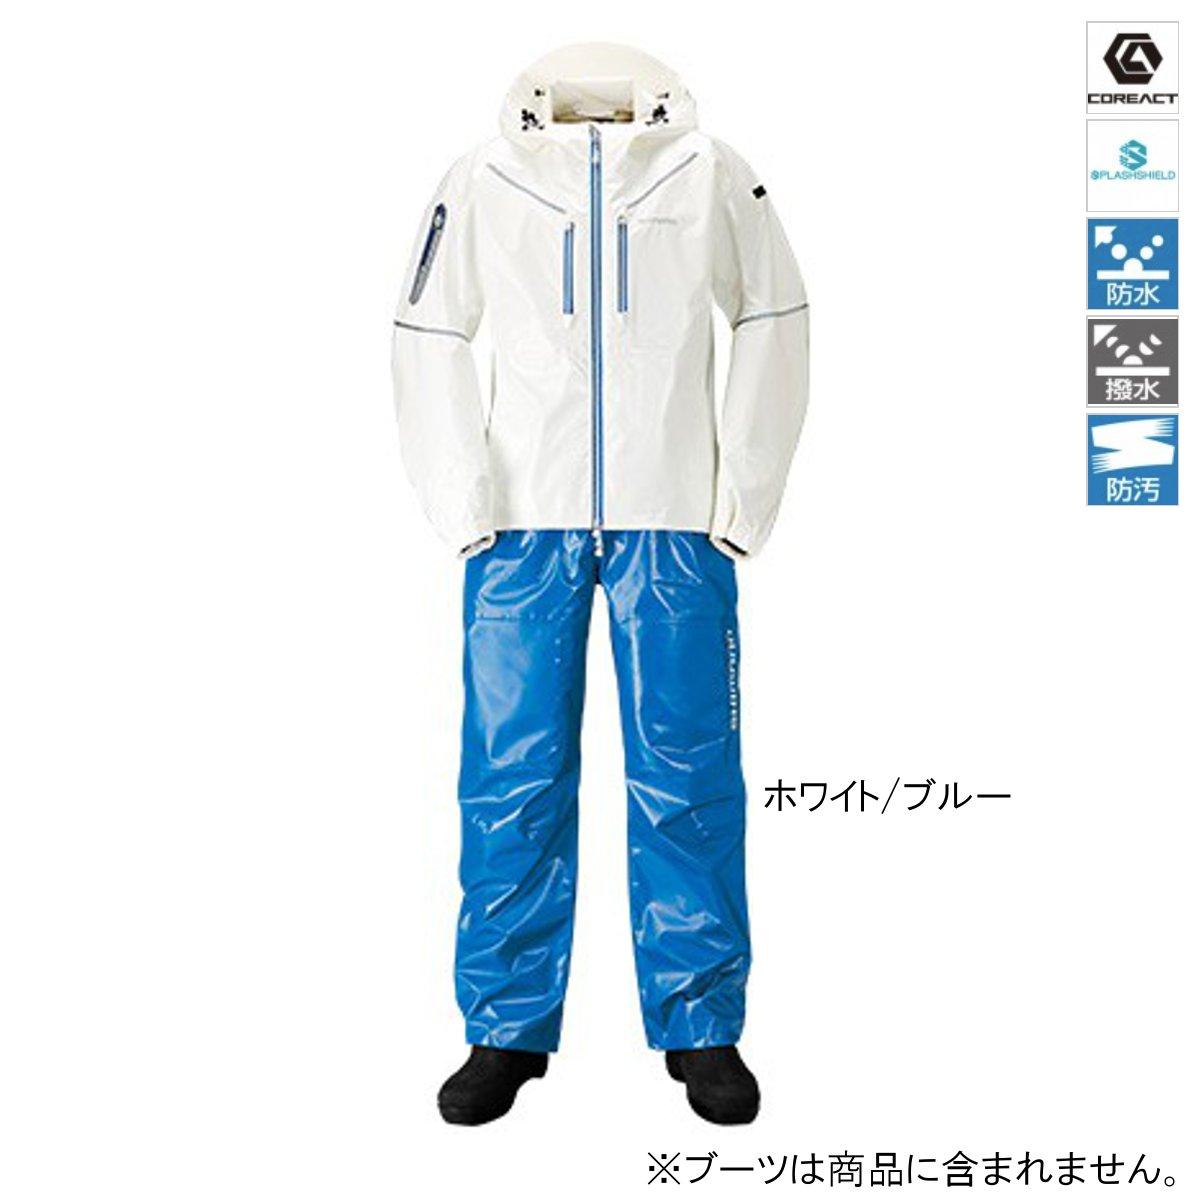 【8/1-2は夏の陣!最大P47倍!】シマノ SS・3Dマリンスーツ RA-033R XL ホワイト/ブルー(東日本店)